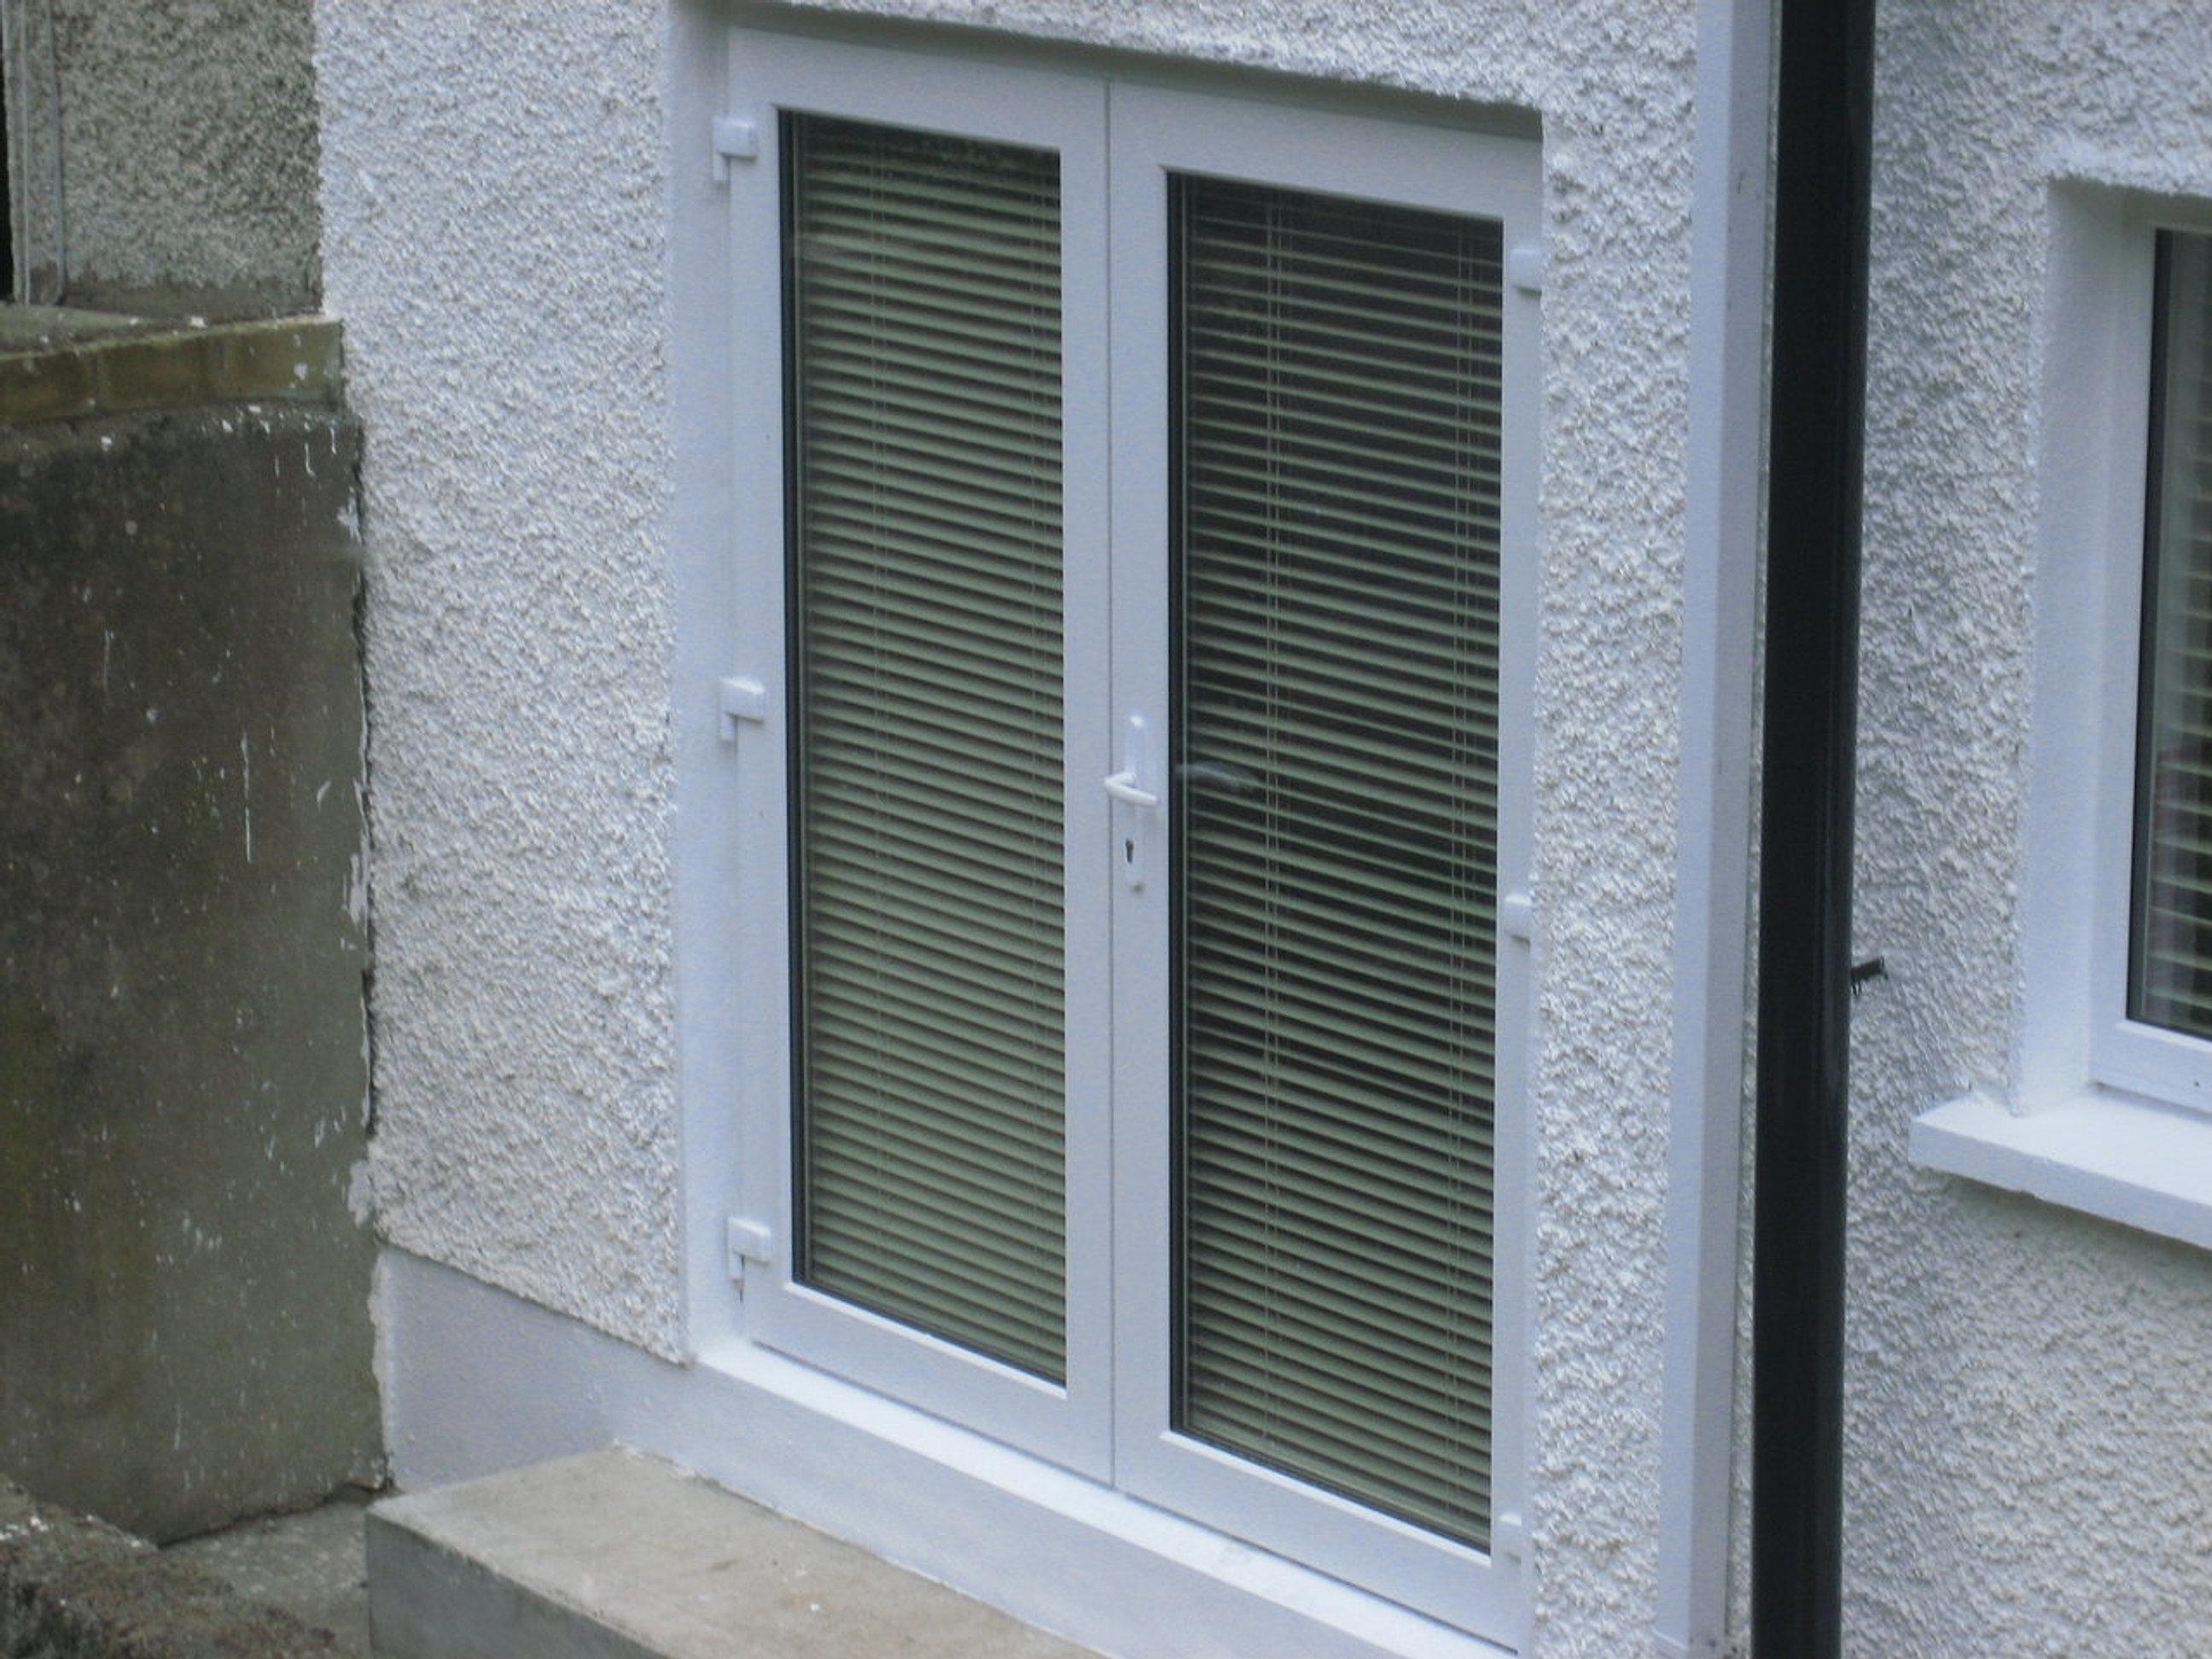 Coastal upvc windows dublin i upvc doors dublin white for Locks for french doors that open out